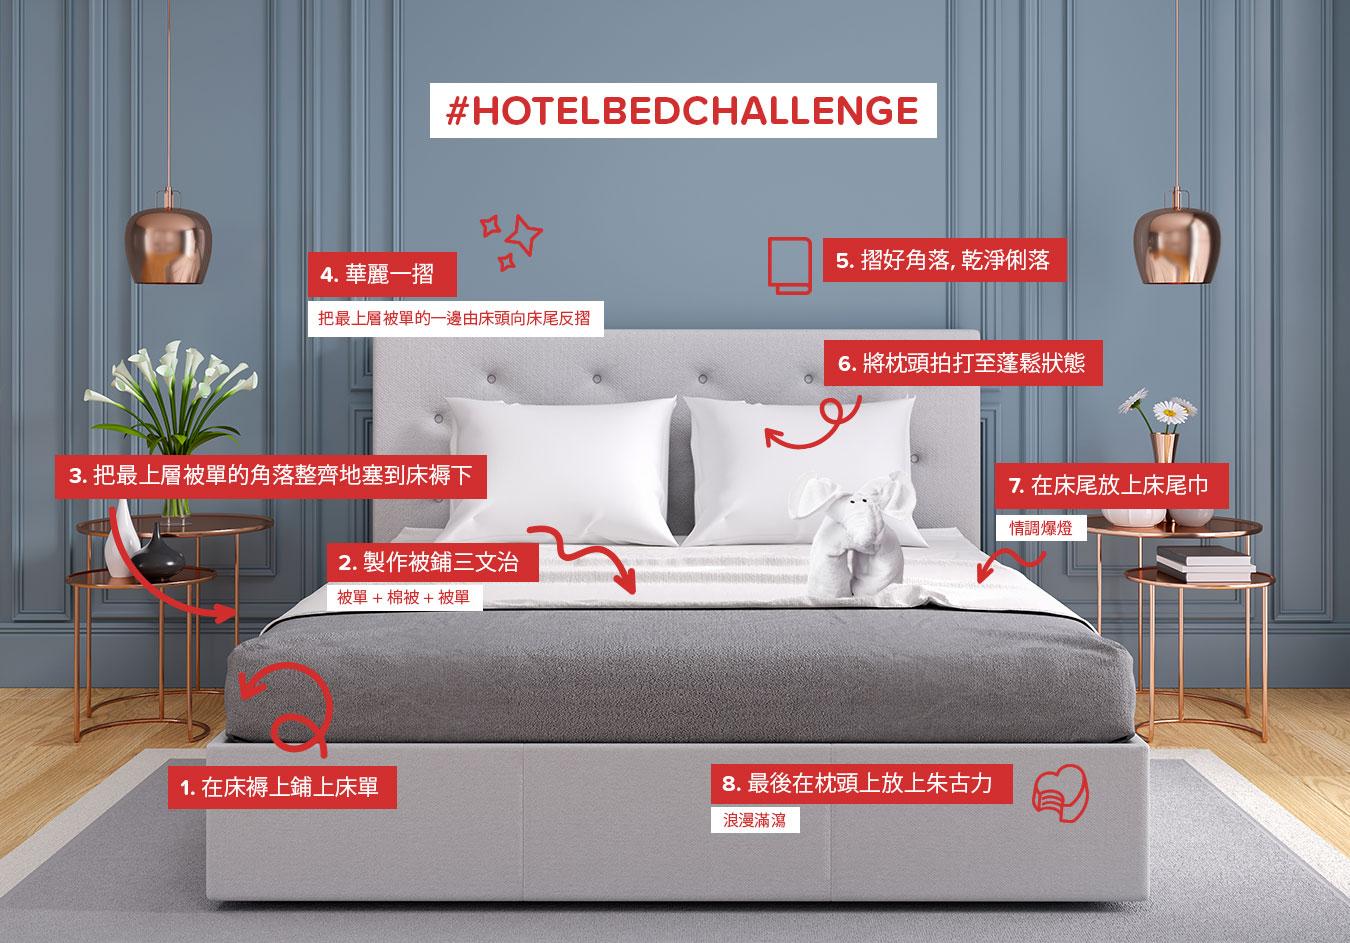 心思思想去旅行?不如參加 #HotelBedChallenge!Hotels.com 教你將酒店生活帶「入屋」